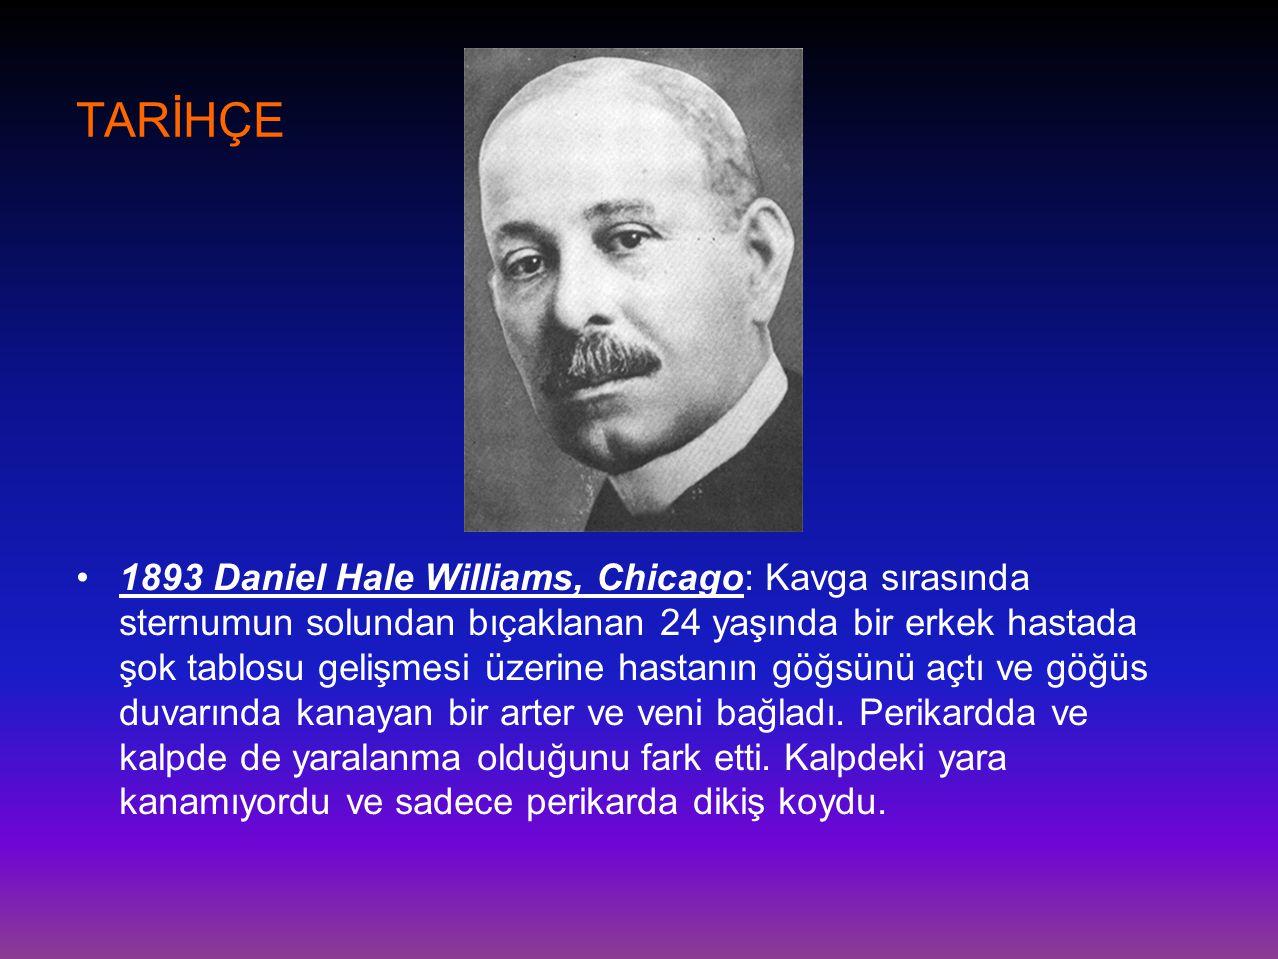 TARİHÇE •1893 Daniel Hale Williams, Chicago: Kavga sırasında sternumun solundan bıçaklanan 24 yaşında bir erkek hastada şok tablosu gelişmesi üzerine